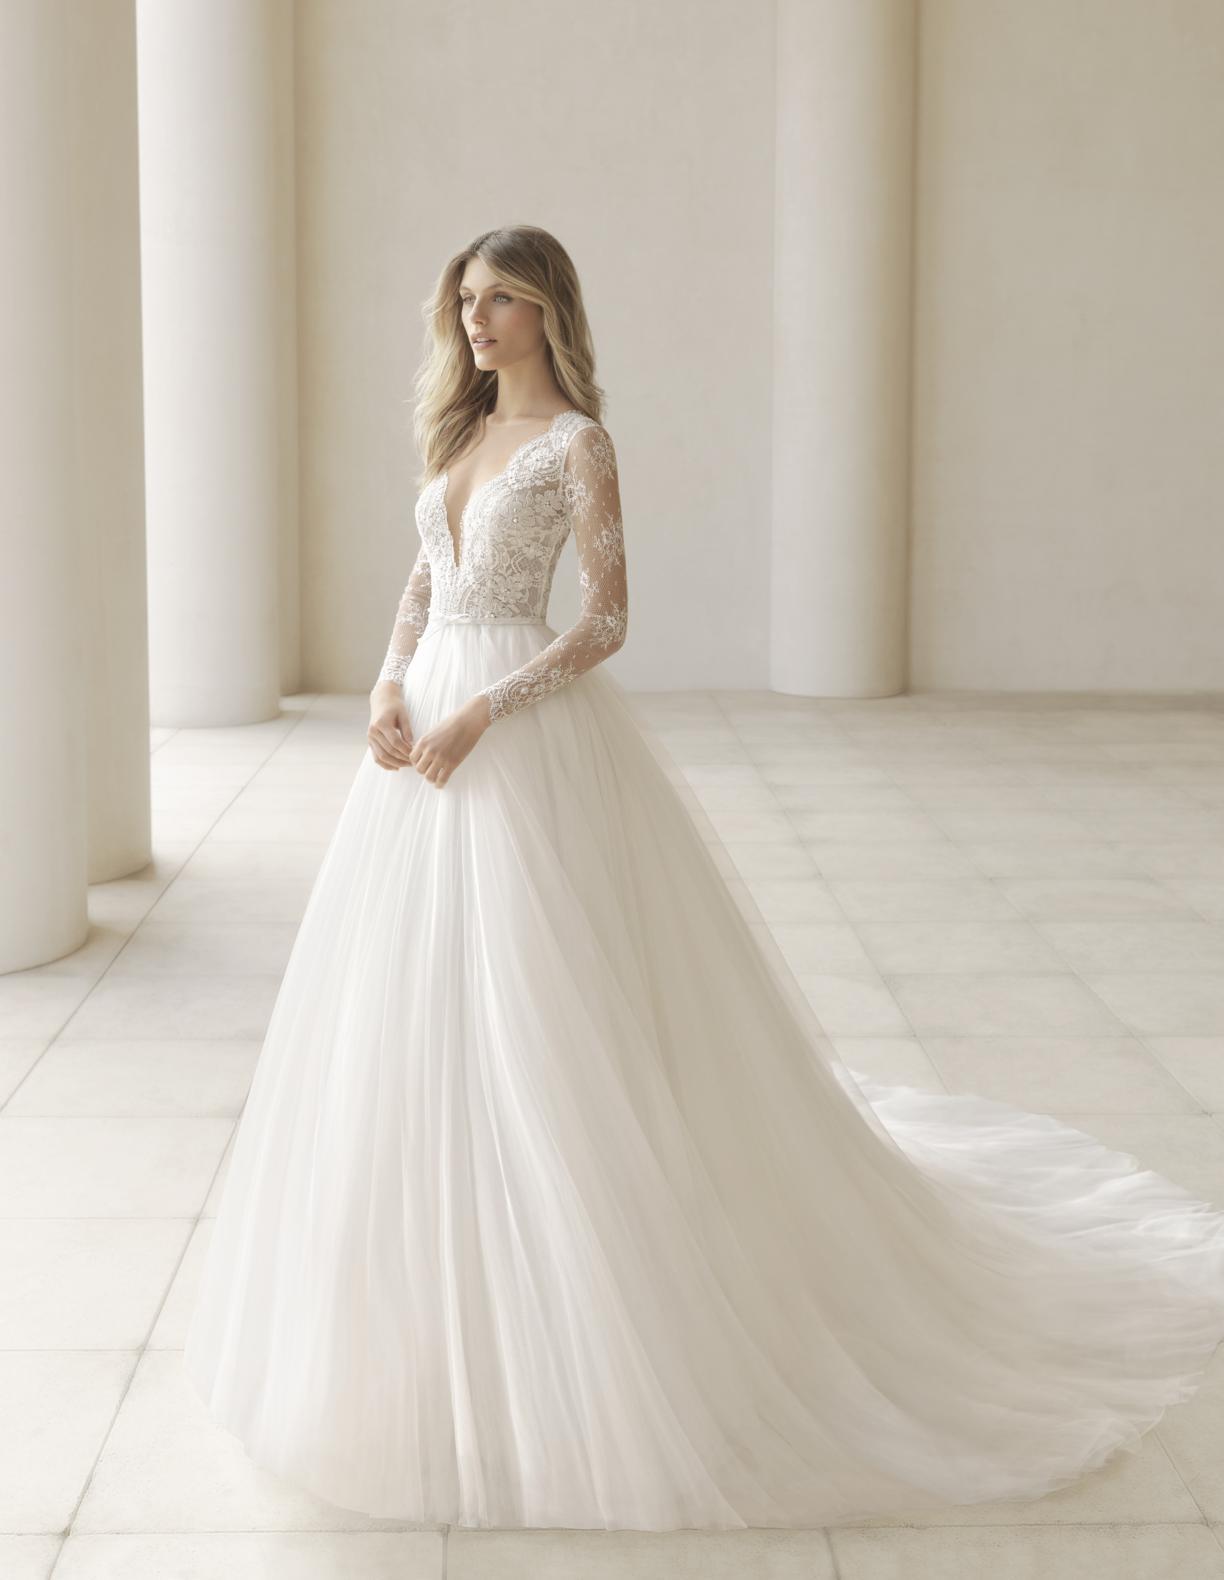 Abiti Da Sposa Rosa Clara.Rosa Clara Couture Pergola Abiti Da Sposa Il Giardino Della Sposa